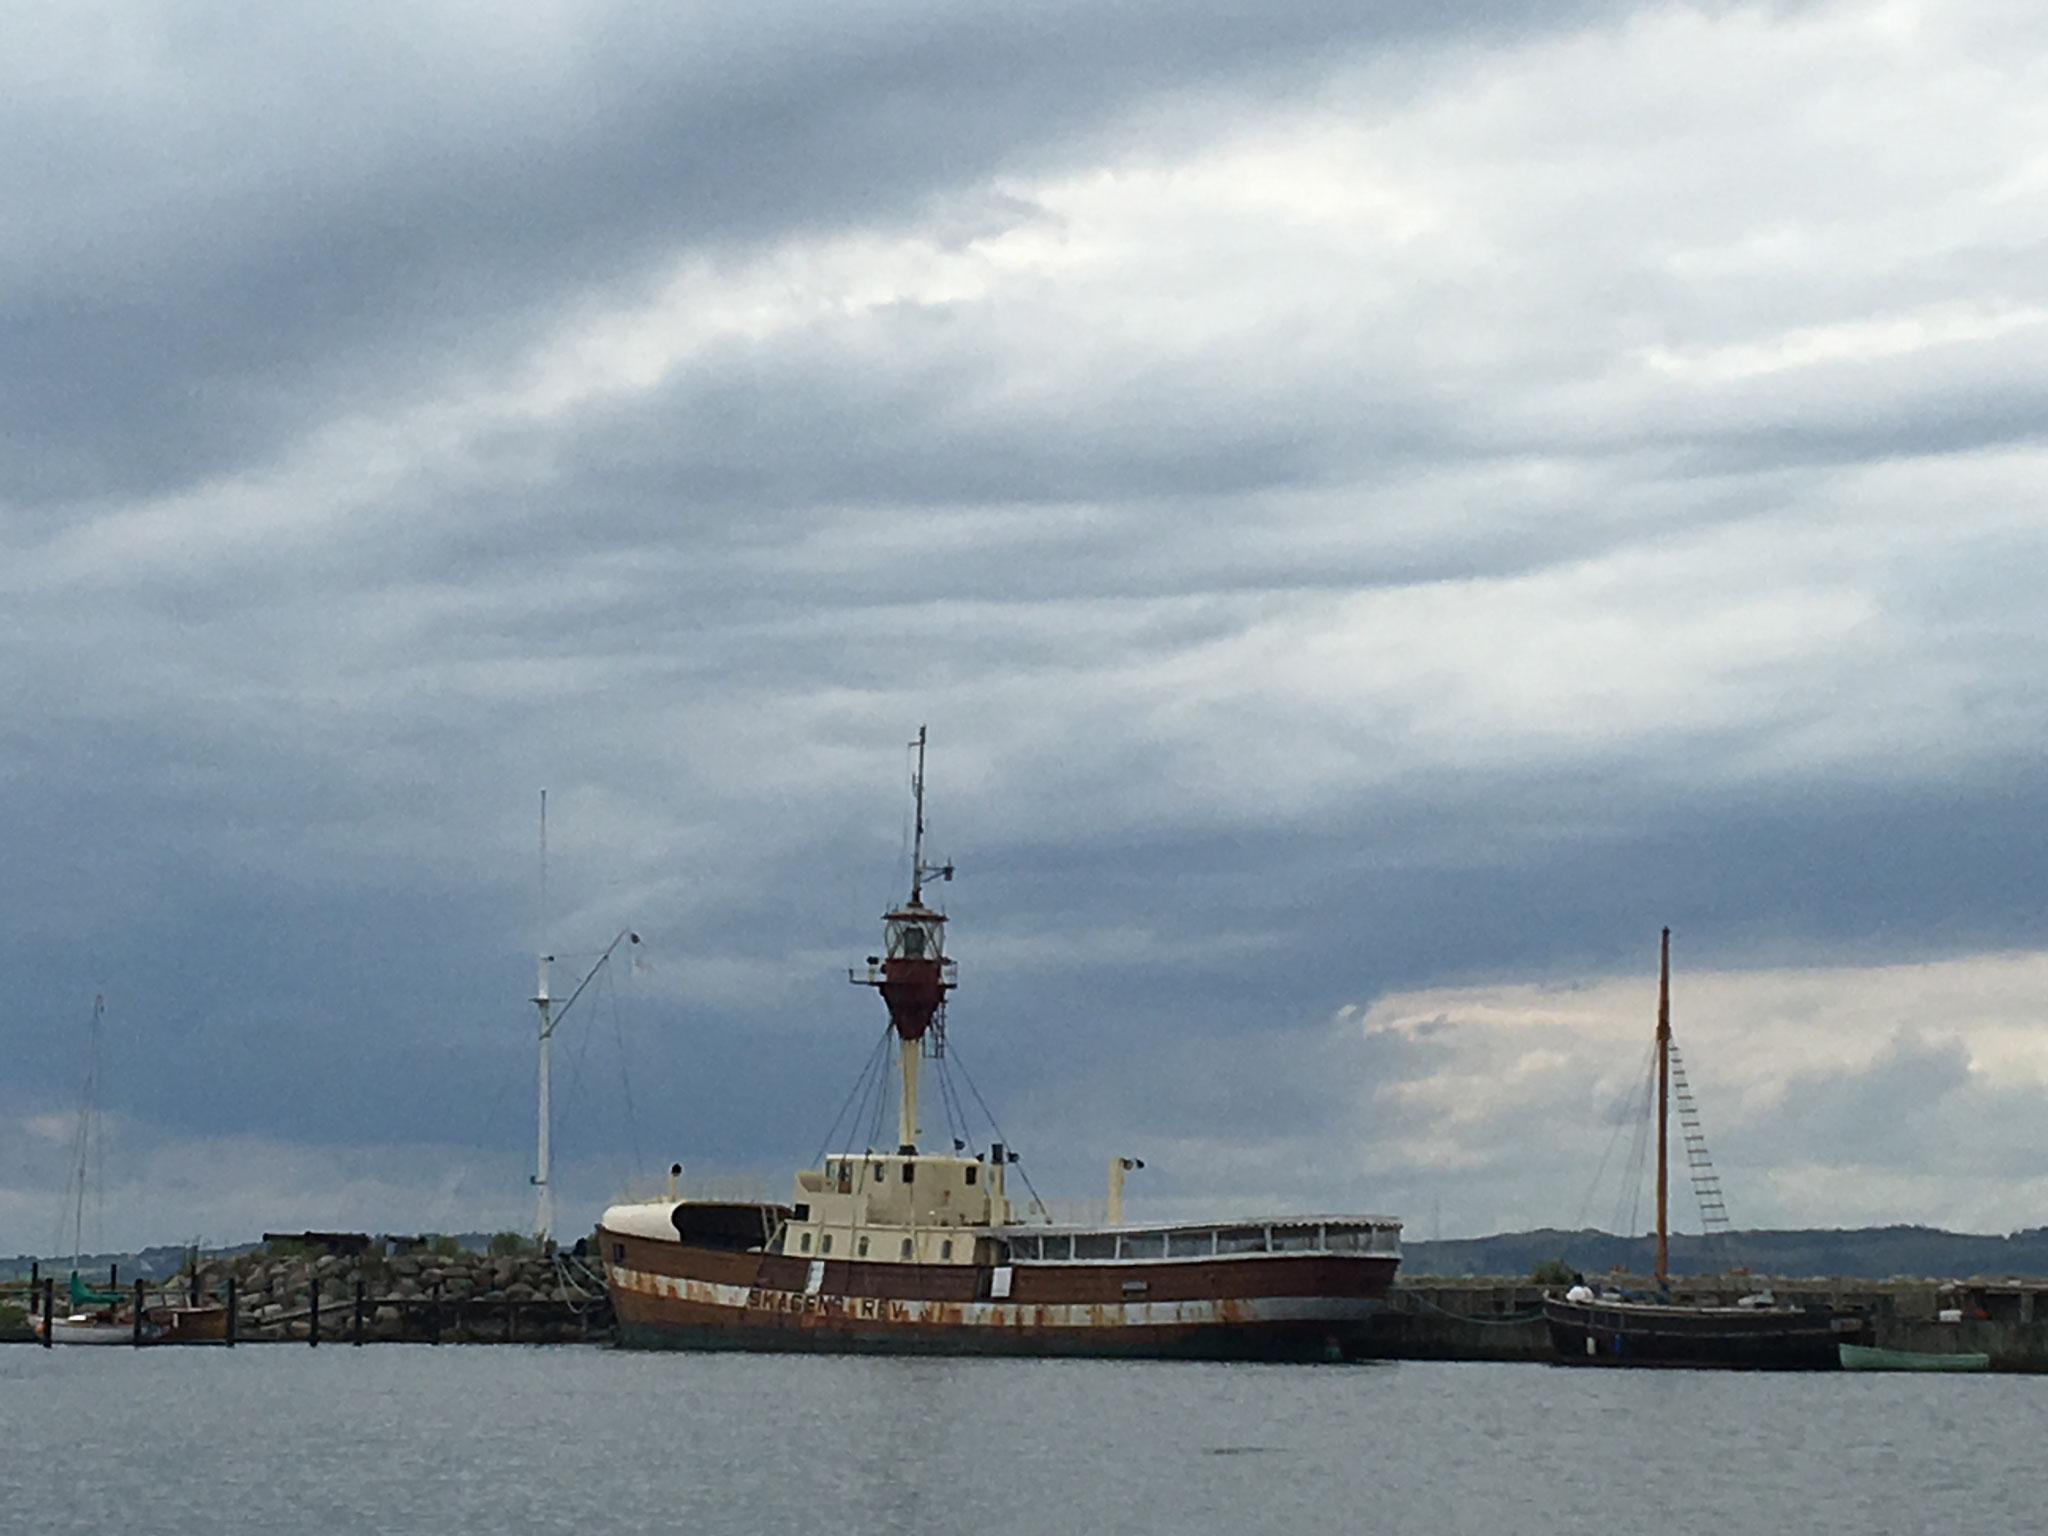 Feuerschiff Skagen Rev im Handelshafen von Ebeltoft